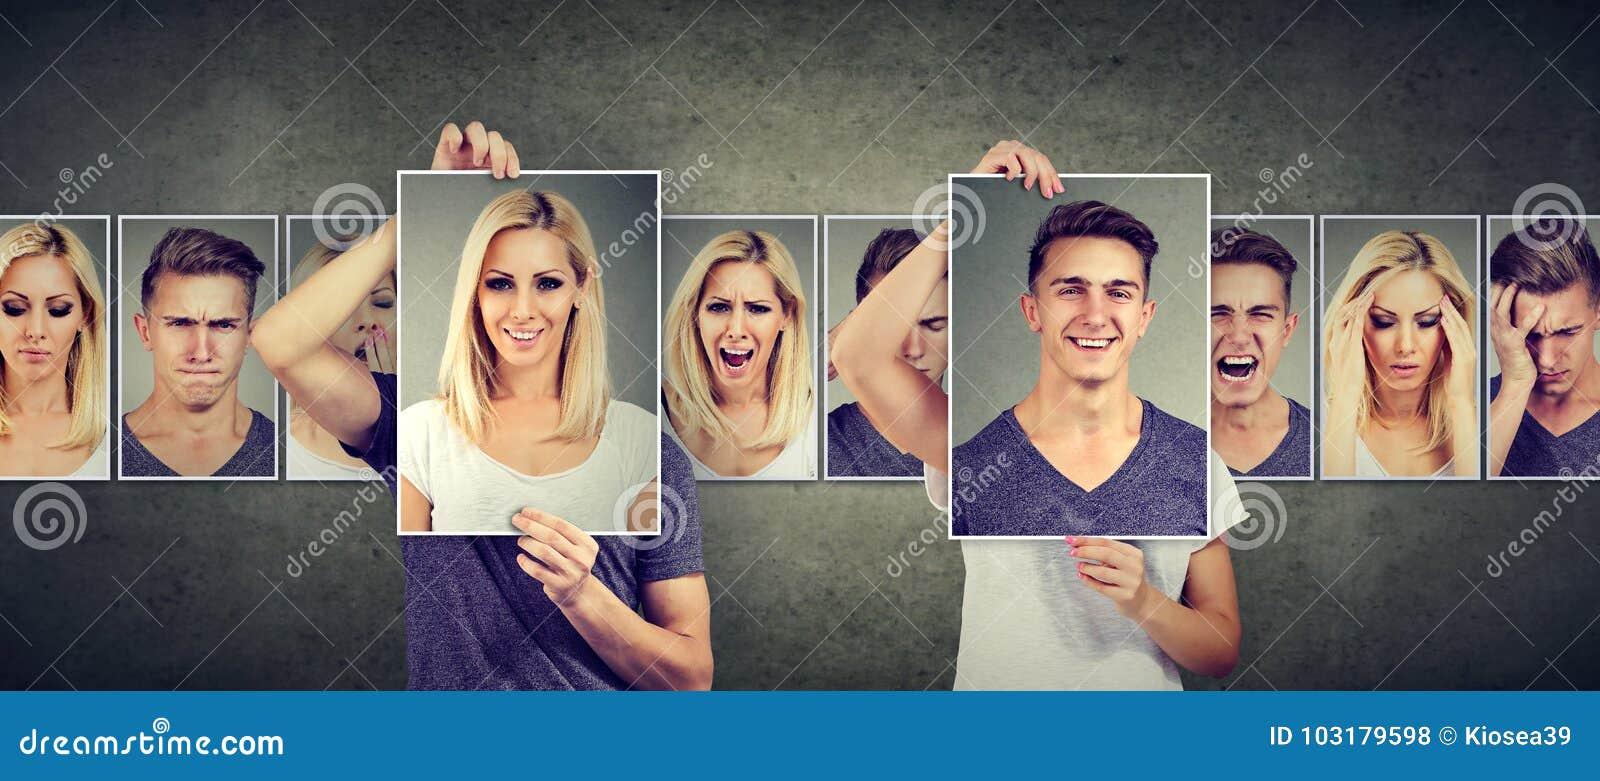 Evenwichtige verhouding Gemaskeerde vrouw en man die verschillende emoties uitdrukken die gezichten ruilen